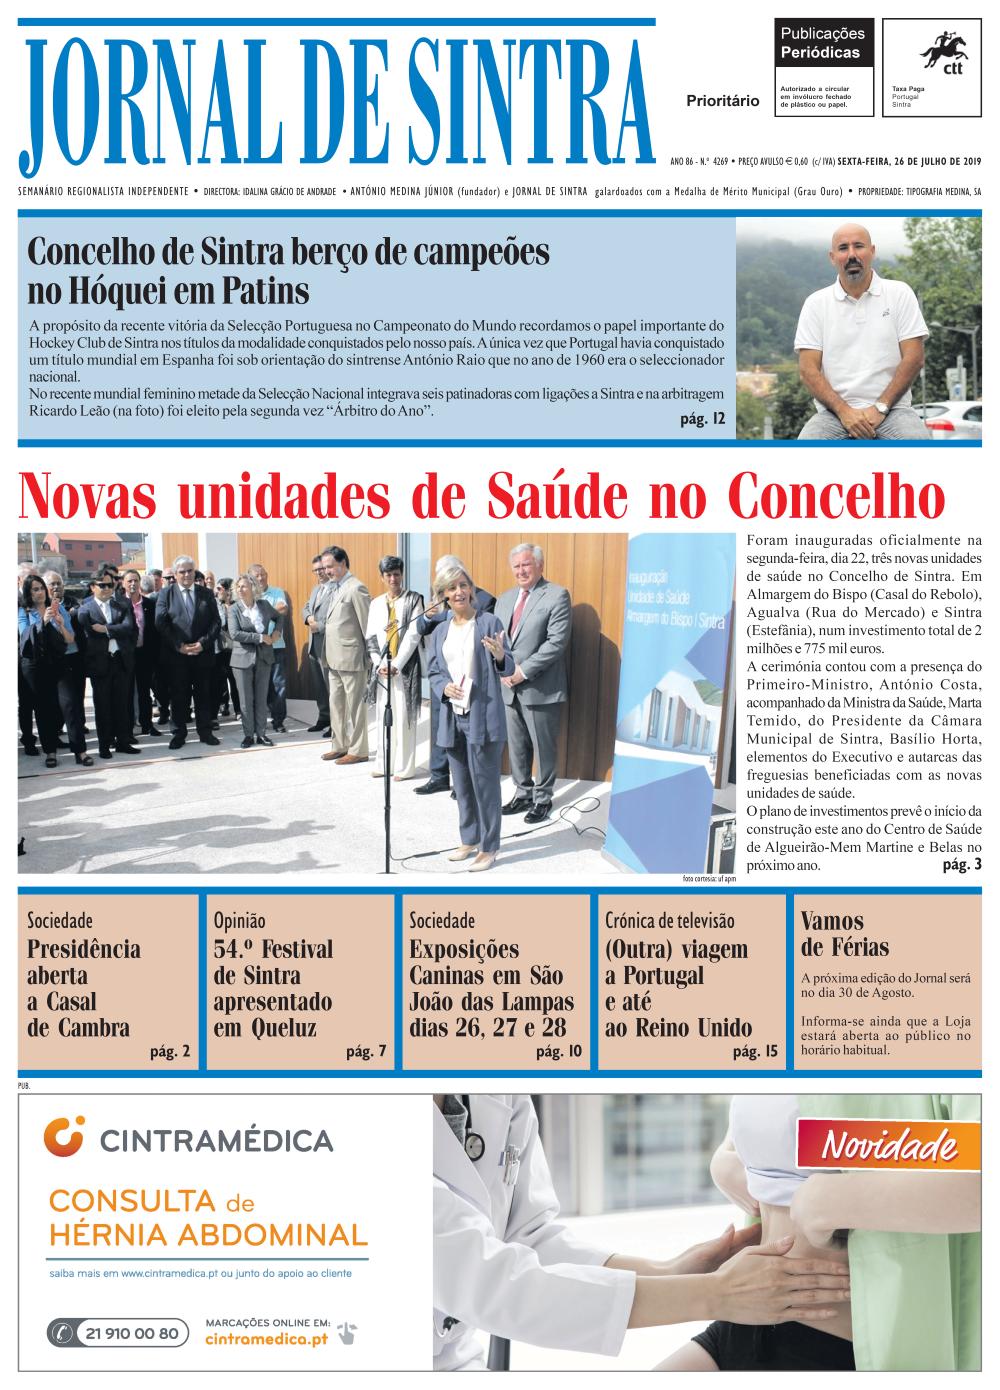 Capa da edição de 26/07/2019